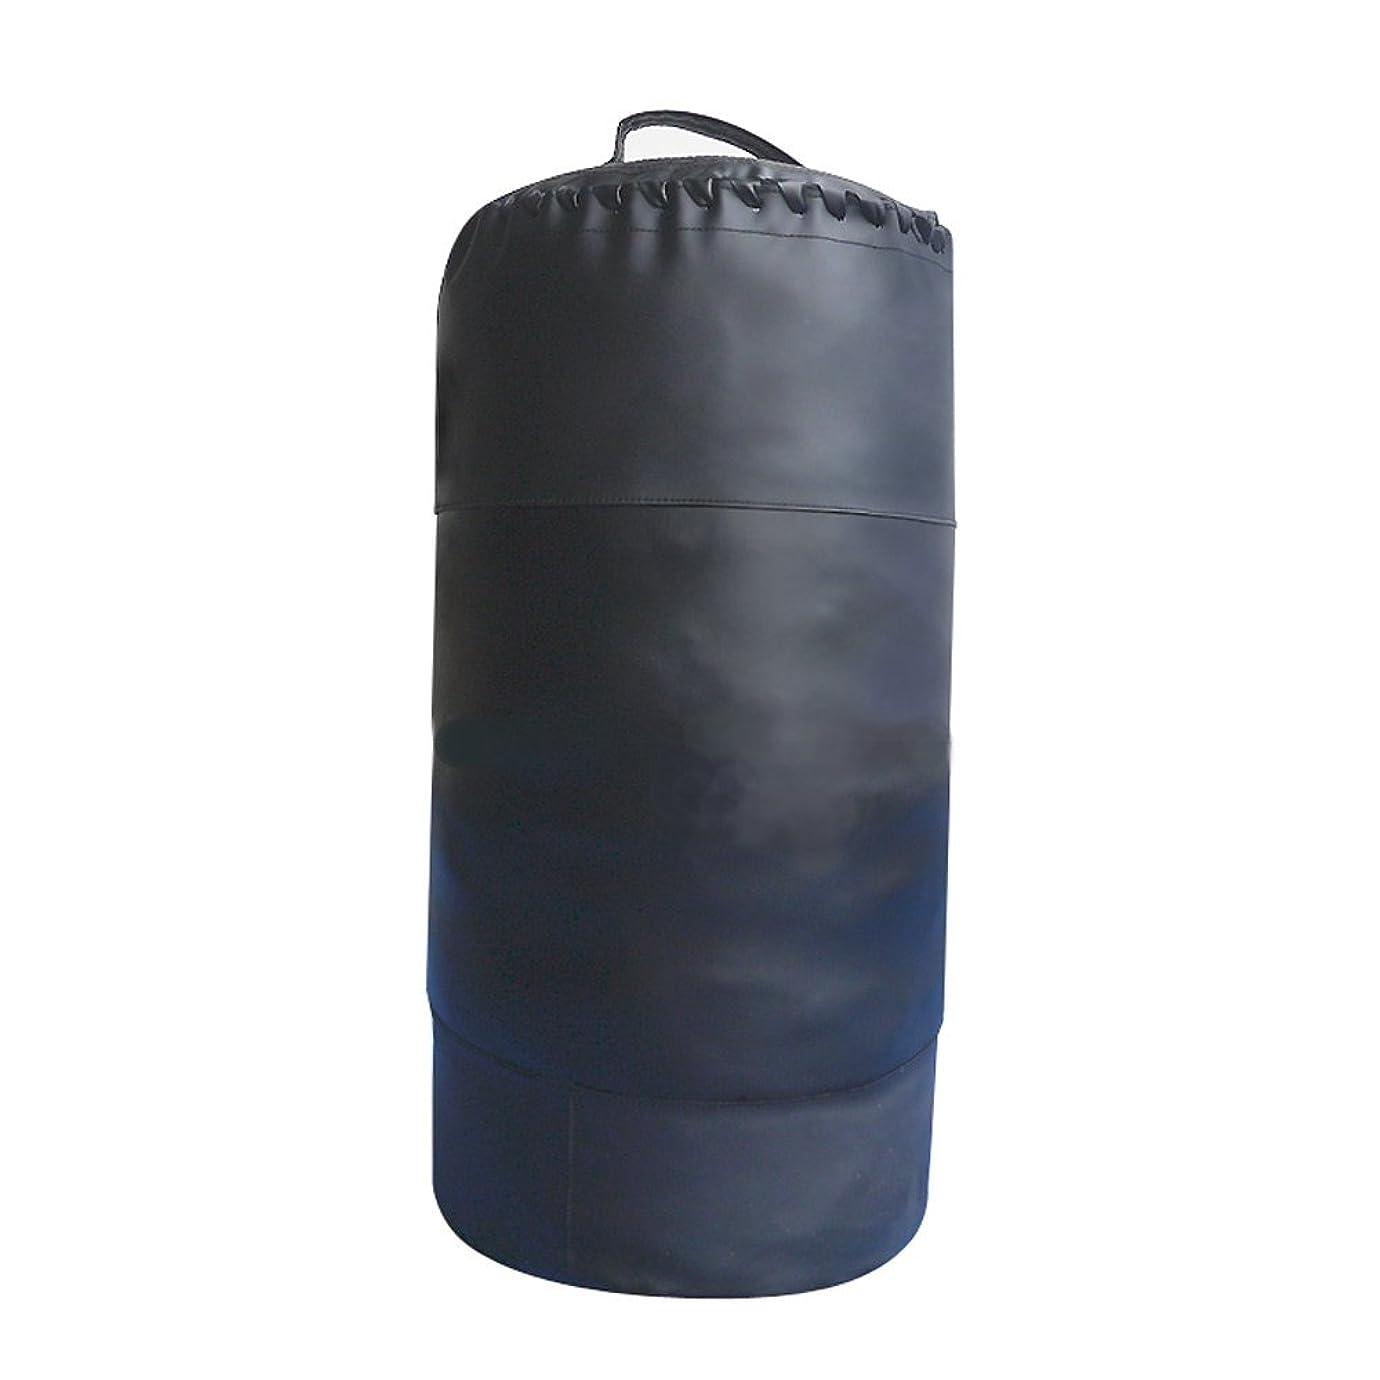 コインランドリー傾いた発疹[WILD FIT ワイルドフィット] タックルバッグ Φ40×70cm 黒